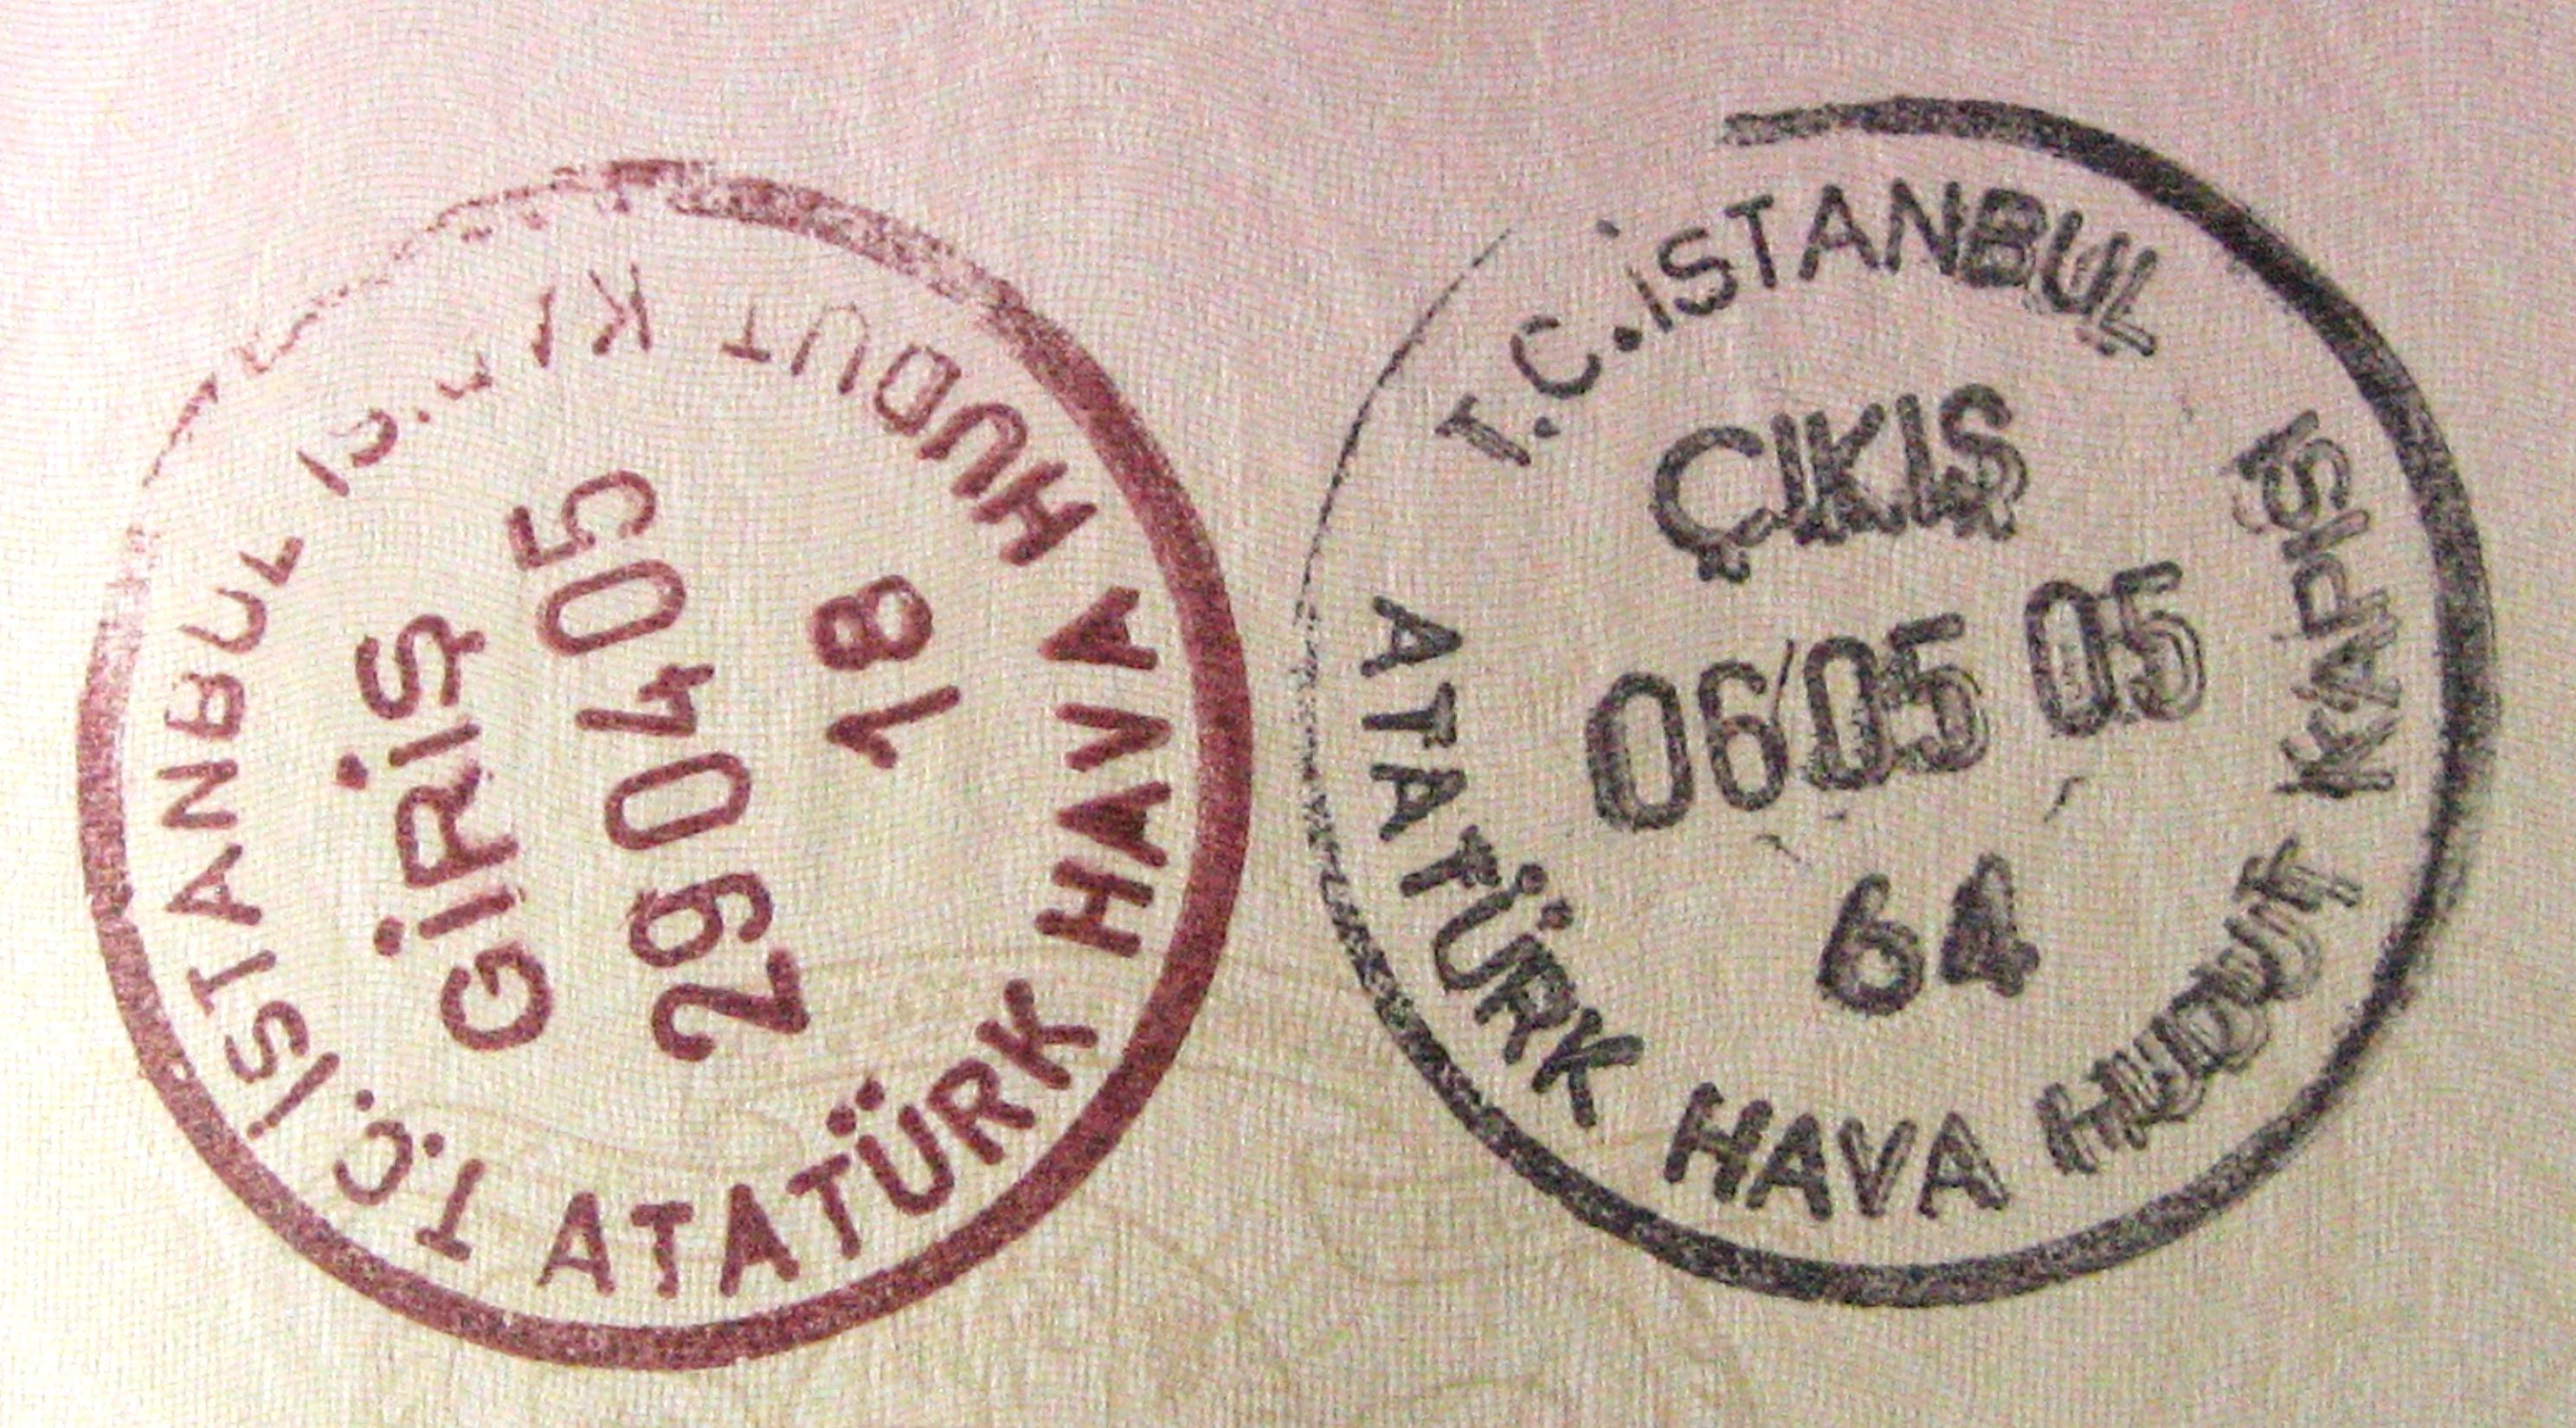 Los sellos en idiomas que no estemos autorizados para traducir *no se traducen nunca*.